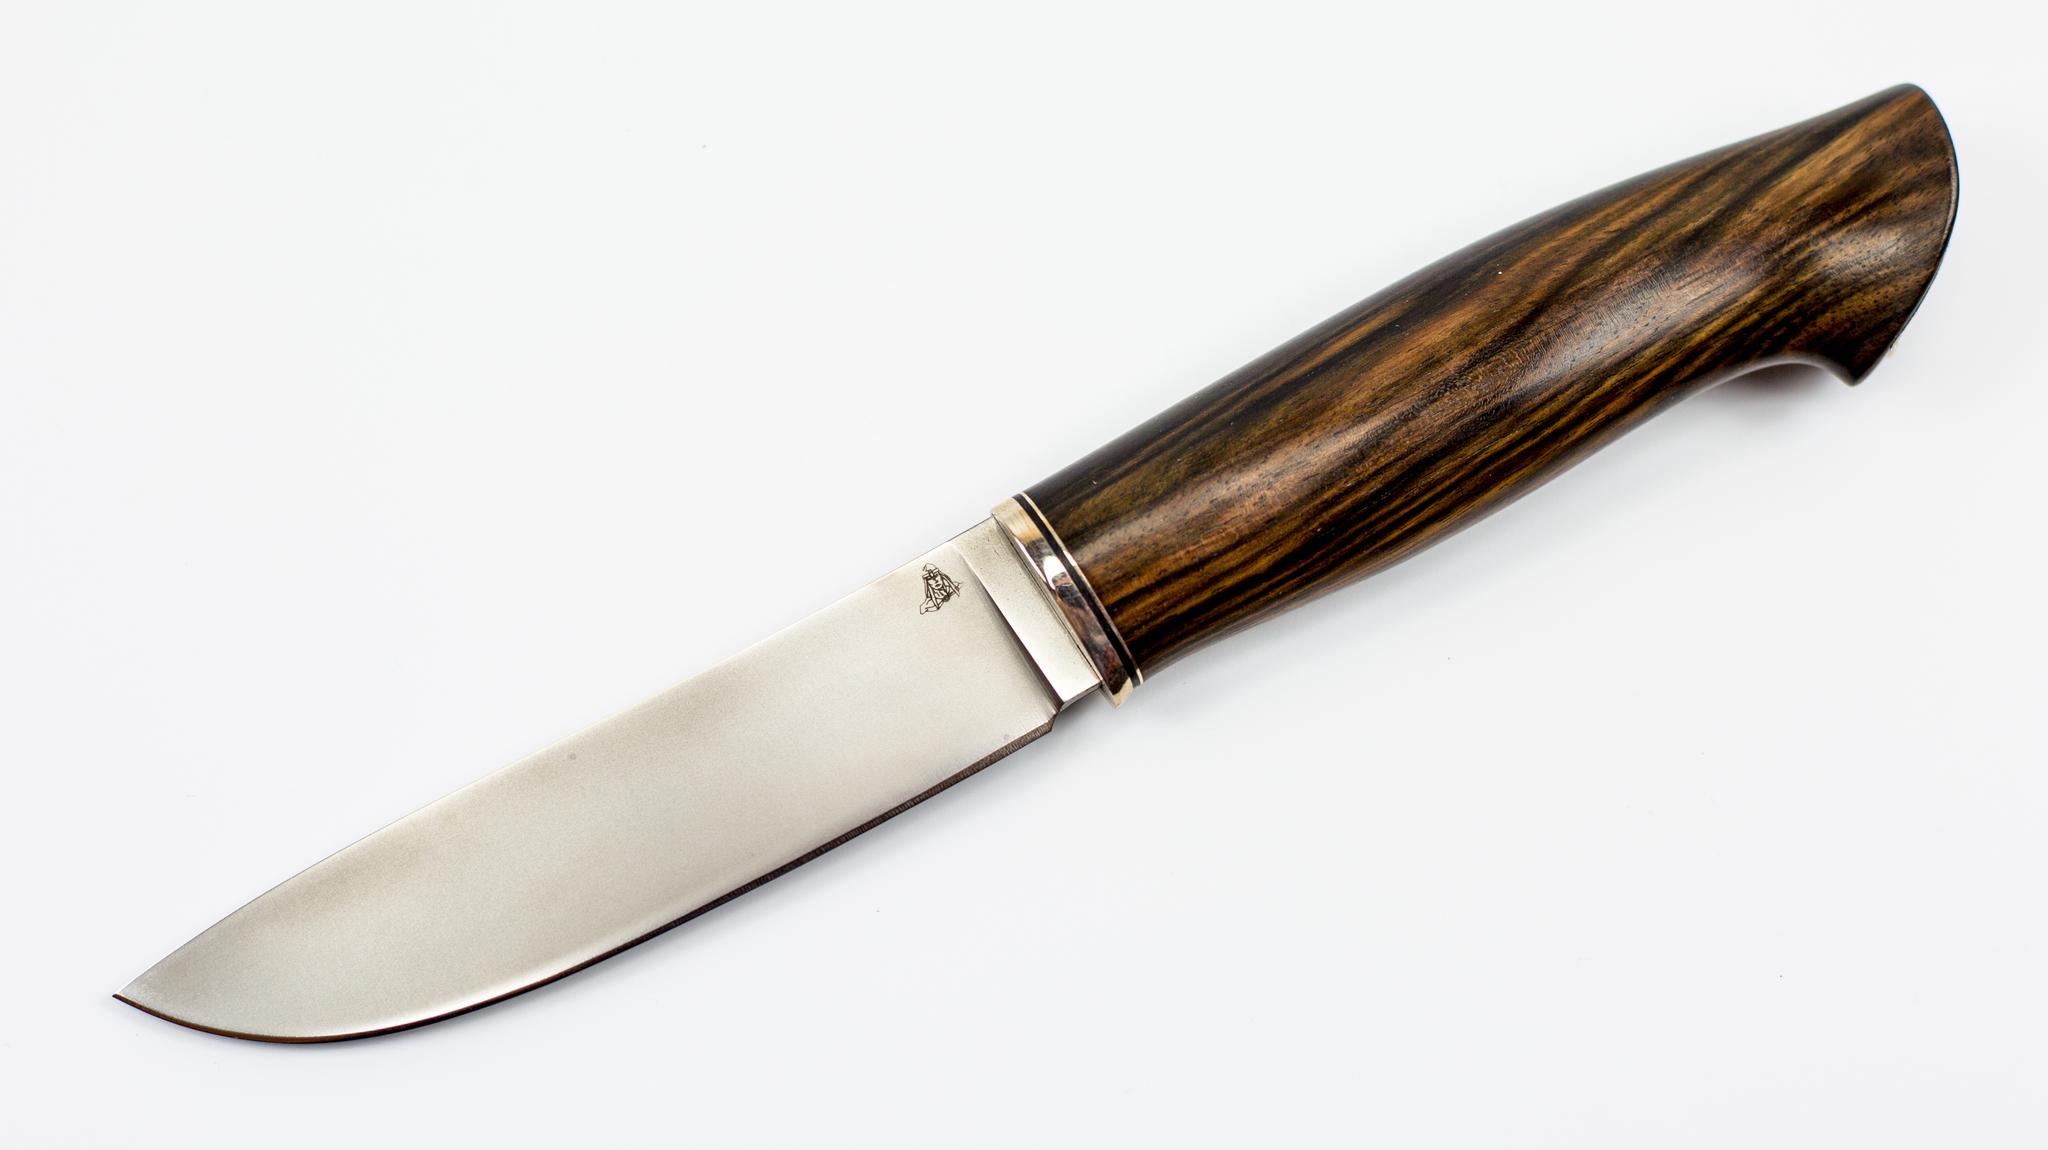 Нож Скинер, CPM S30V, эбеновое дерево от ПФК Витязь